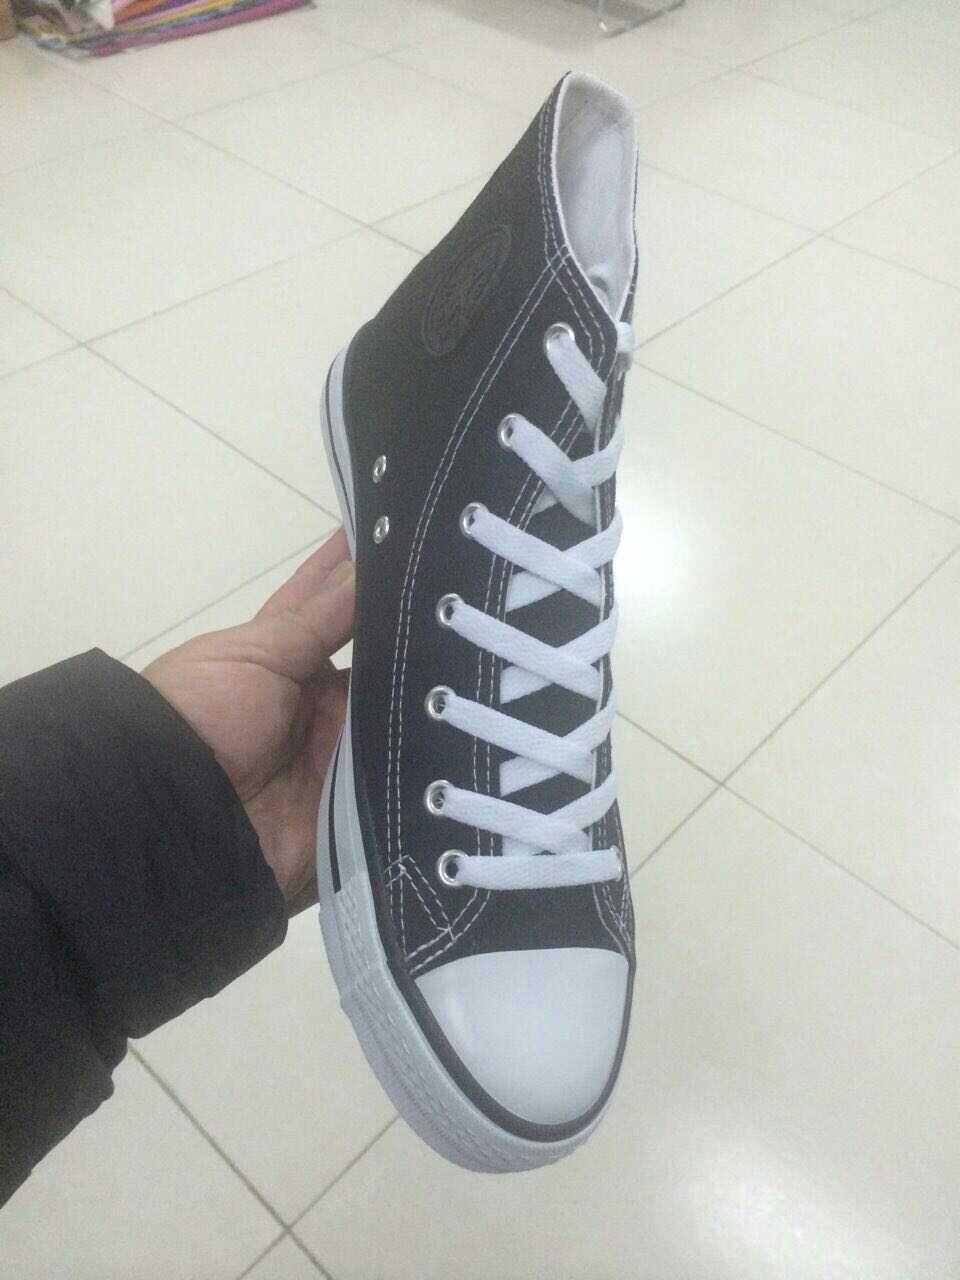 外贸鞋注塑鞋胶鞋帆布鞋硫化鞋批发系列出口